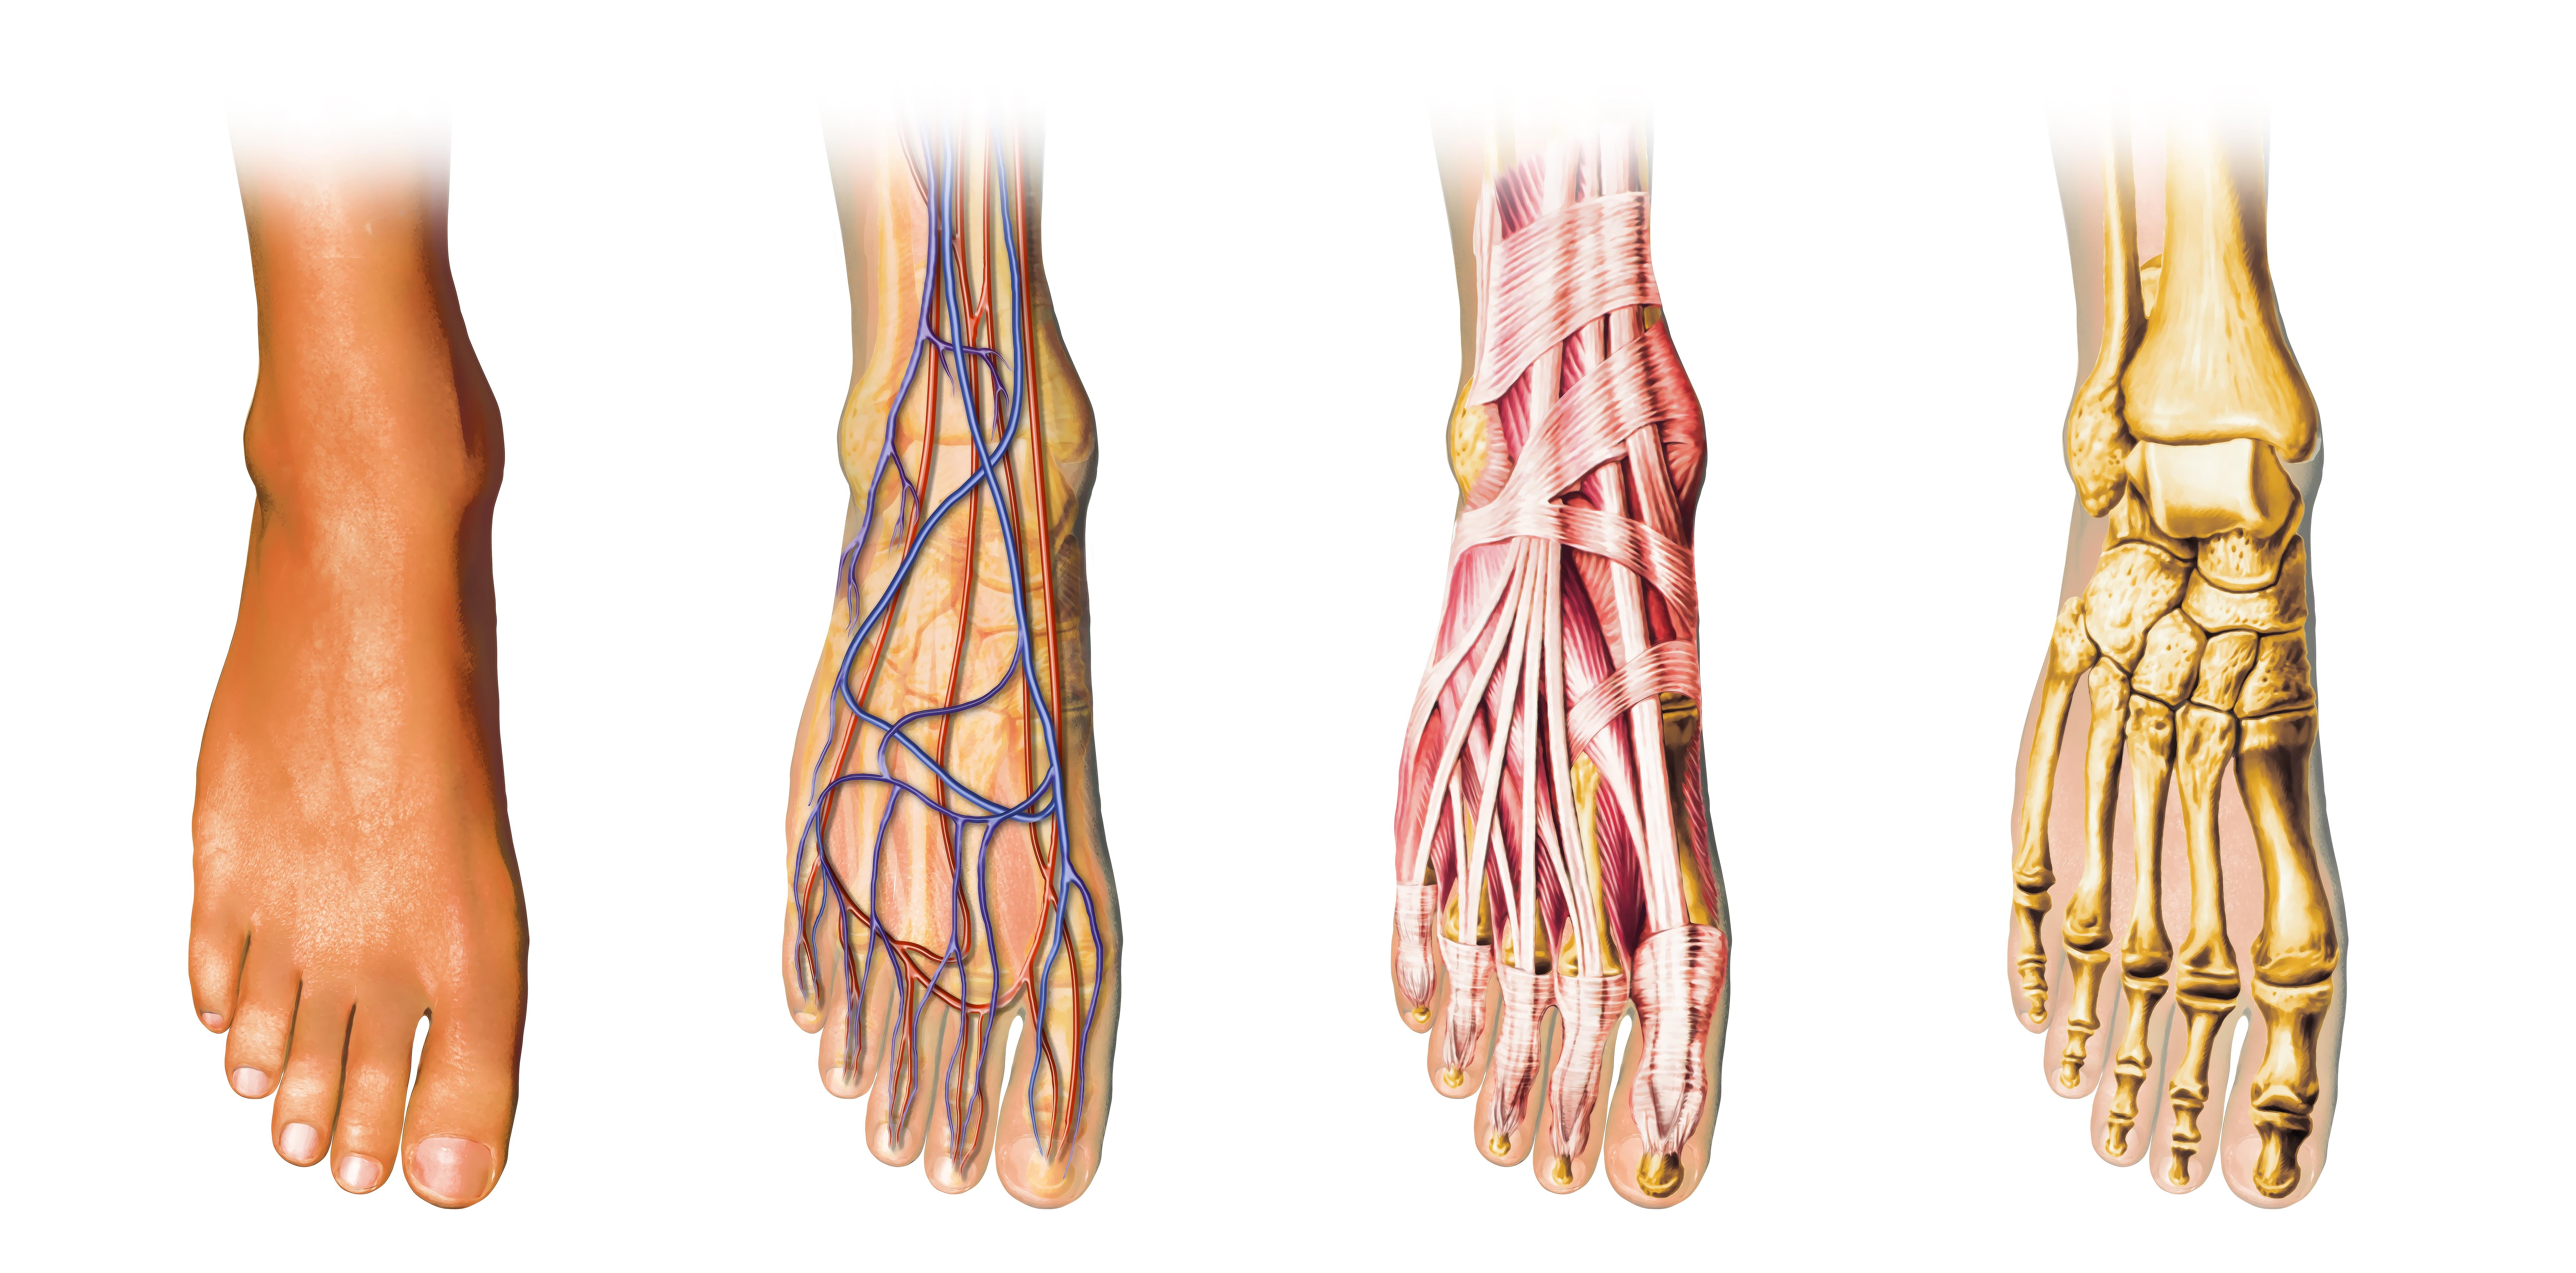 Easton orthopaedics -